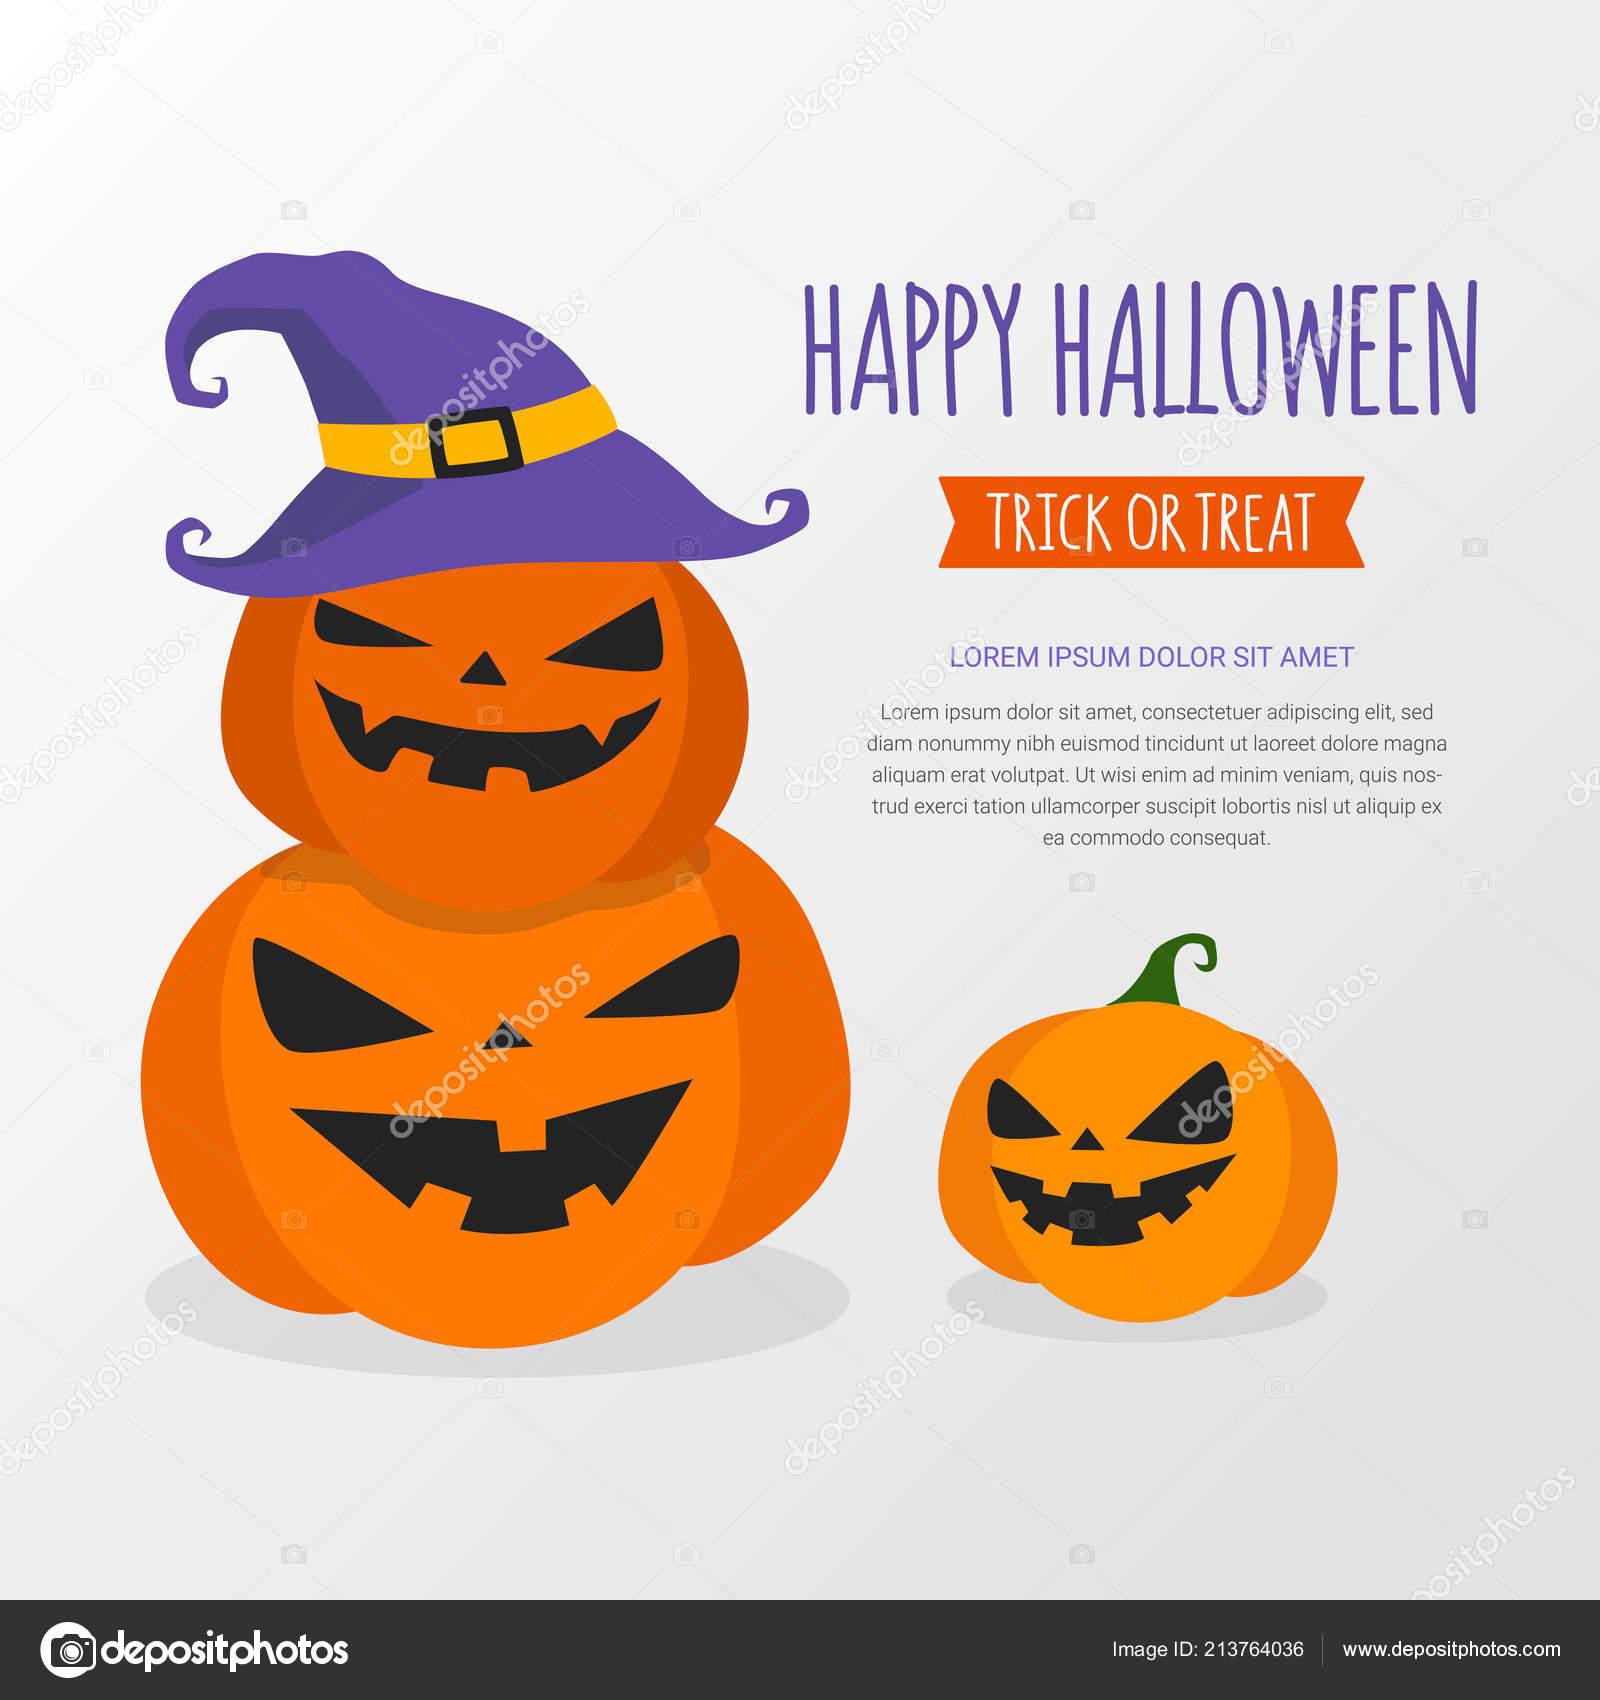 Felice Halloween banner progetto template. Zucca che porta il cappello  della strega su priorità bassa bianca. Halloween disegno carta cartolina  d auguri. 2f2be583743f